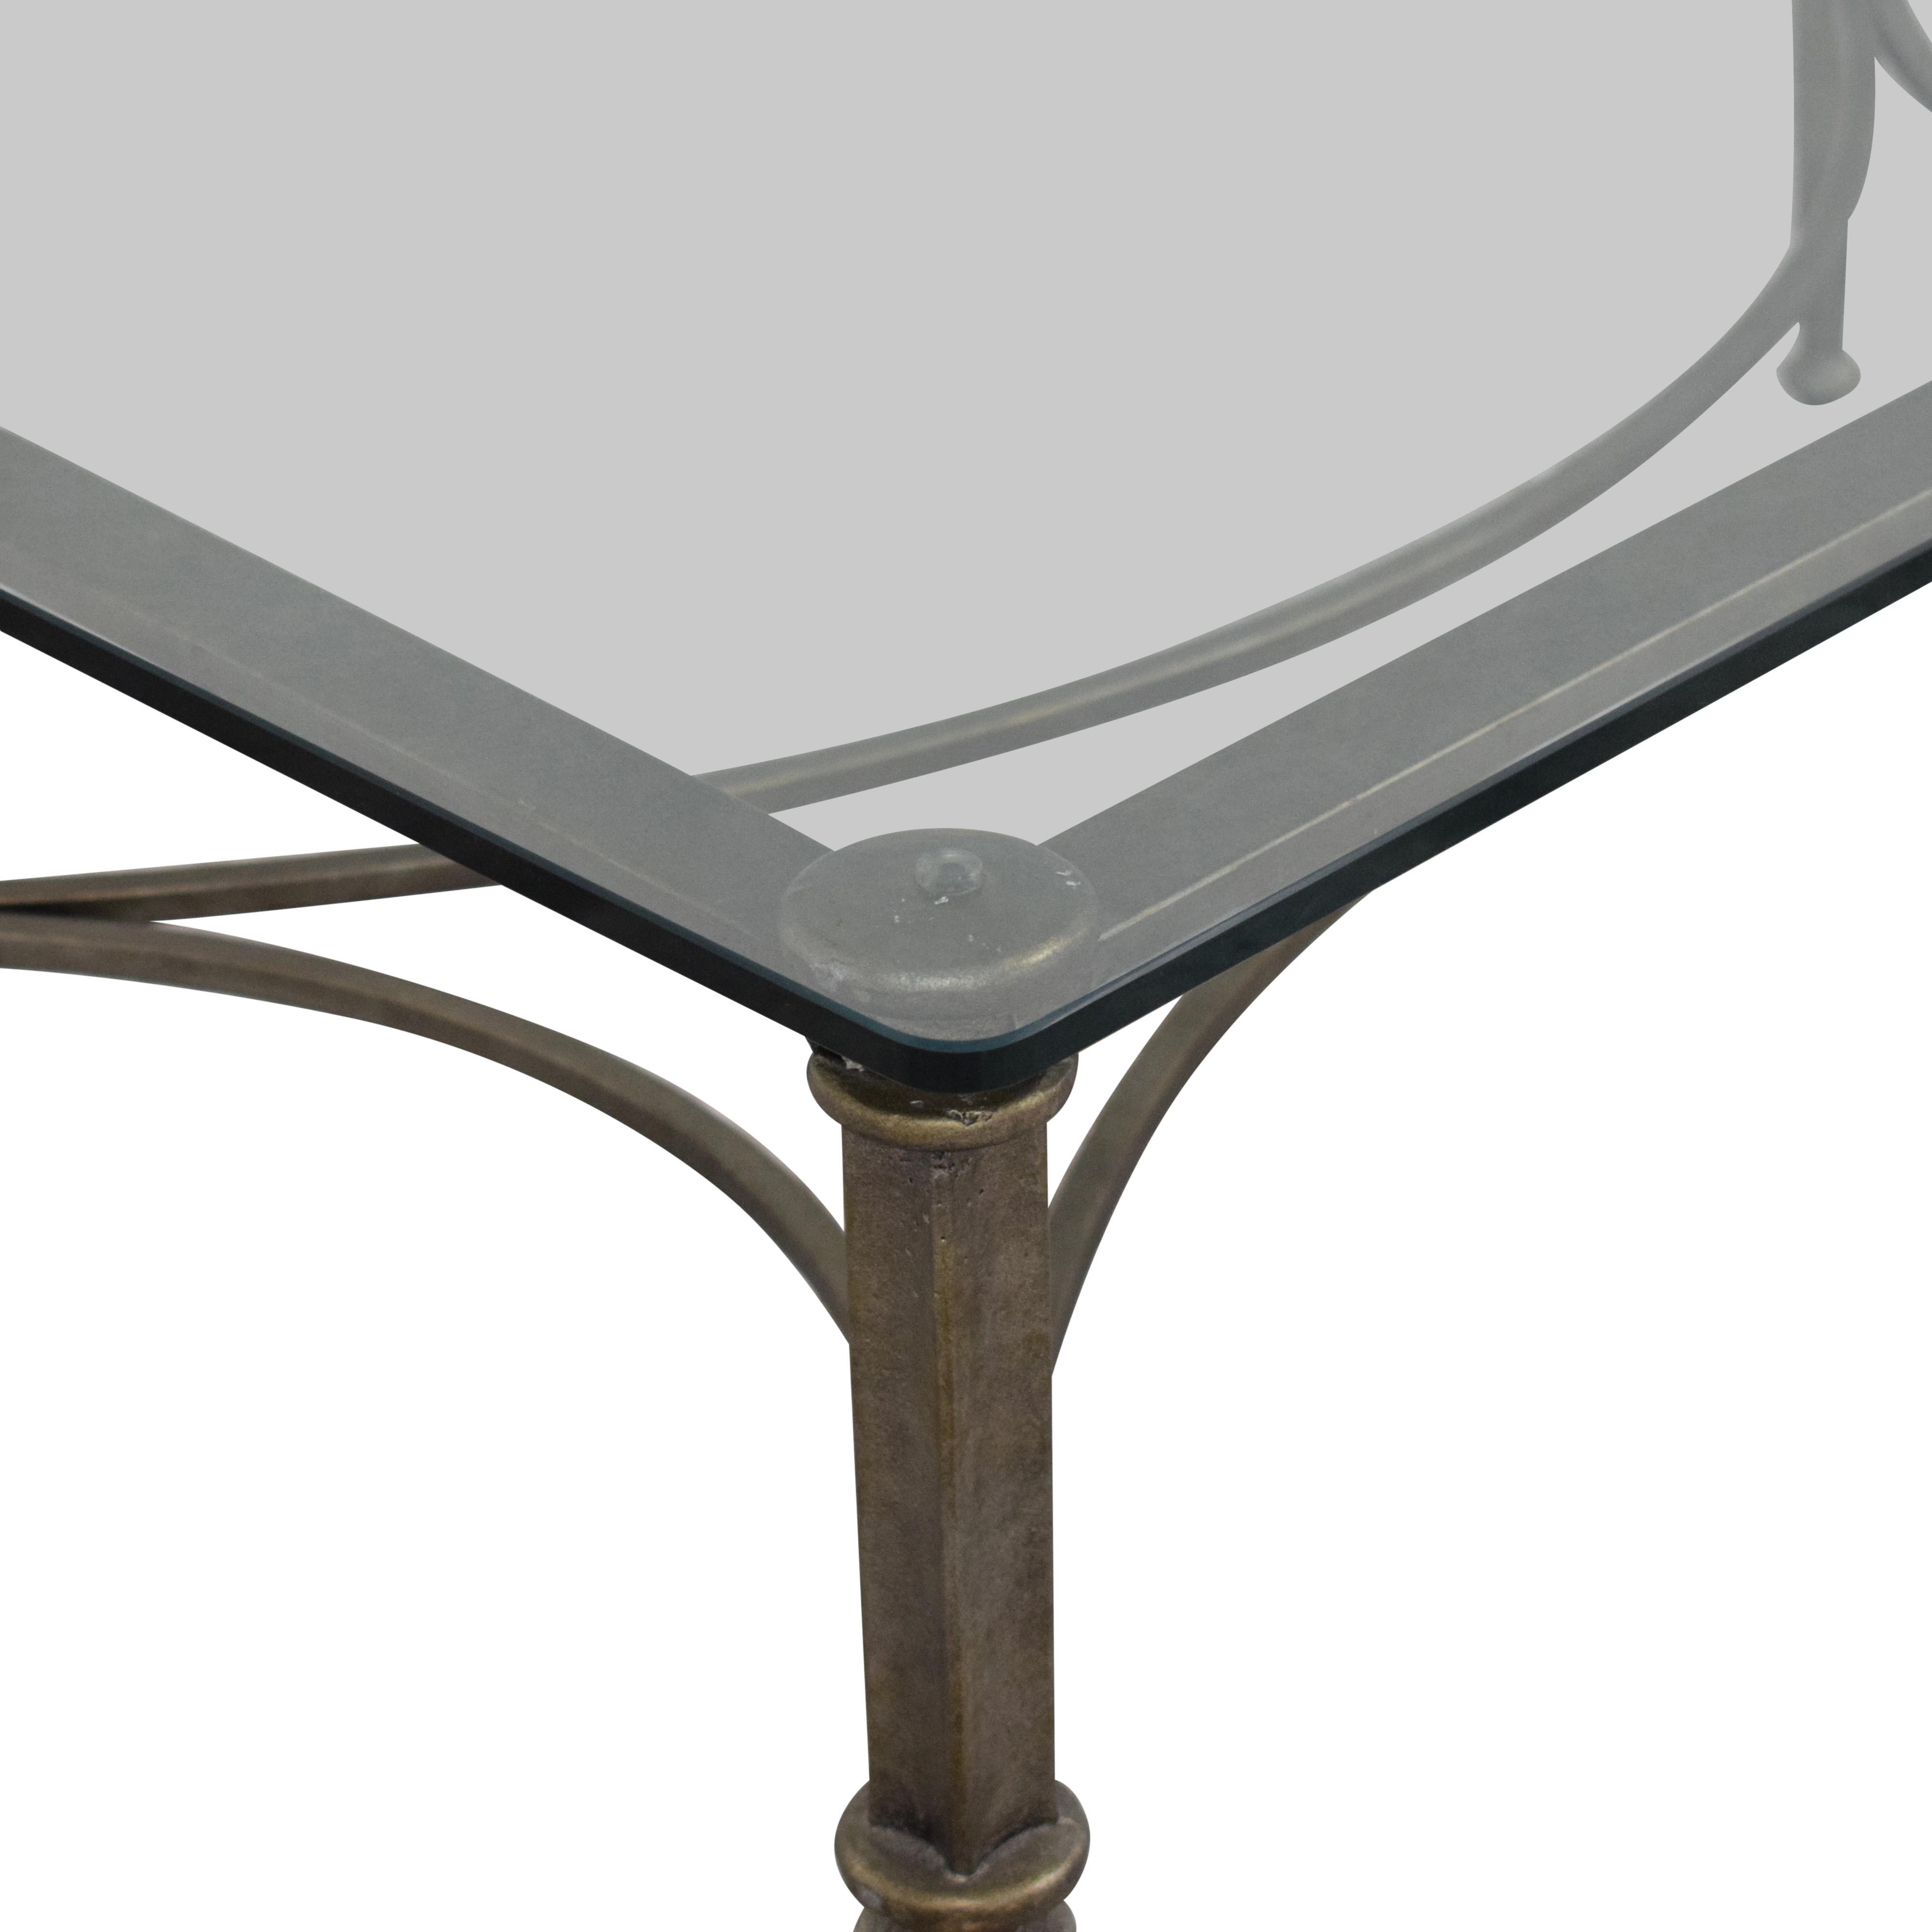 Bloomingdale's Glass Coffee Table Bloomingdale's